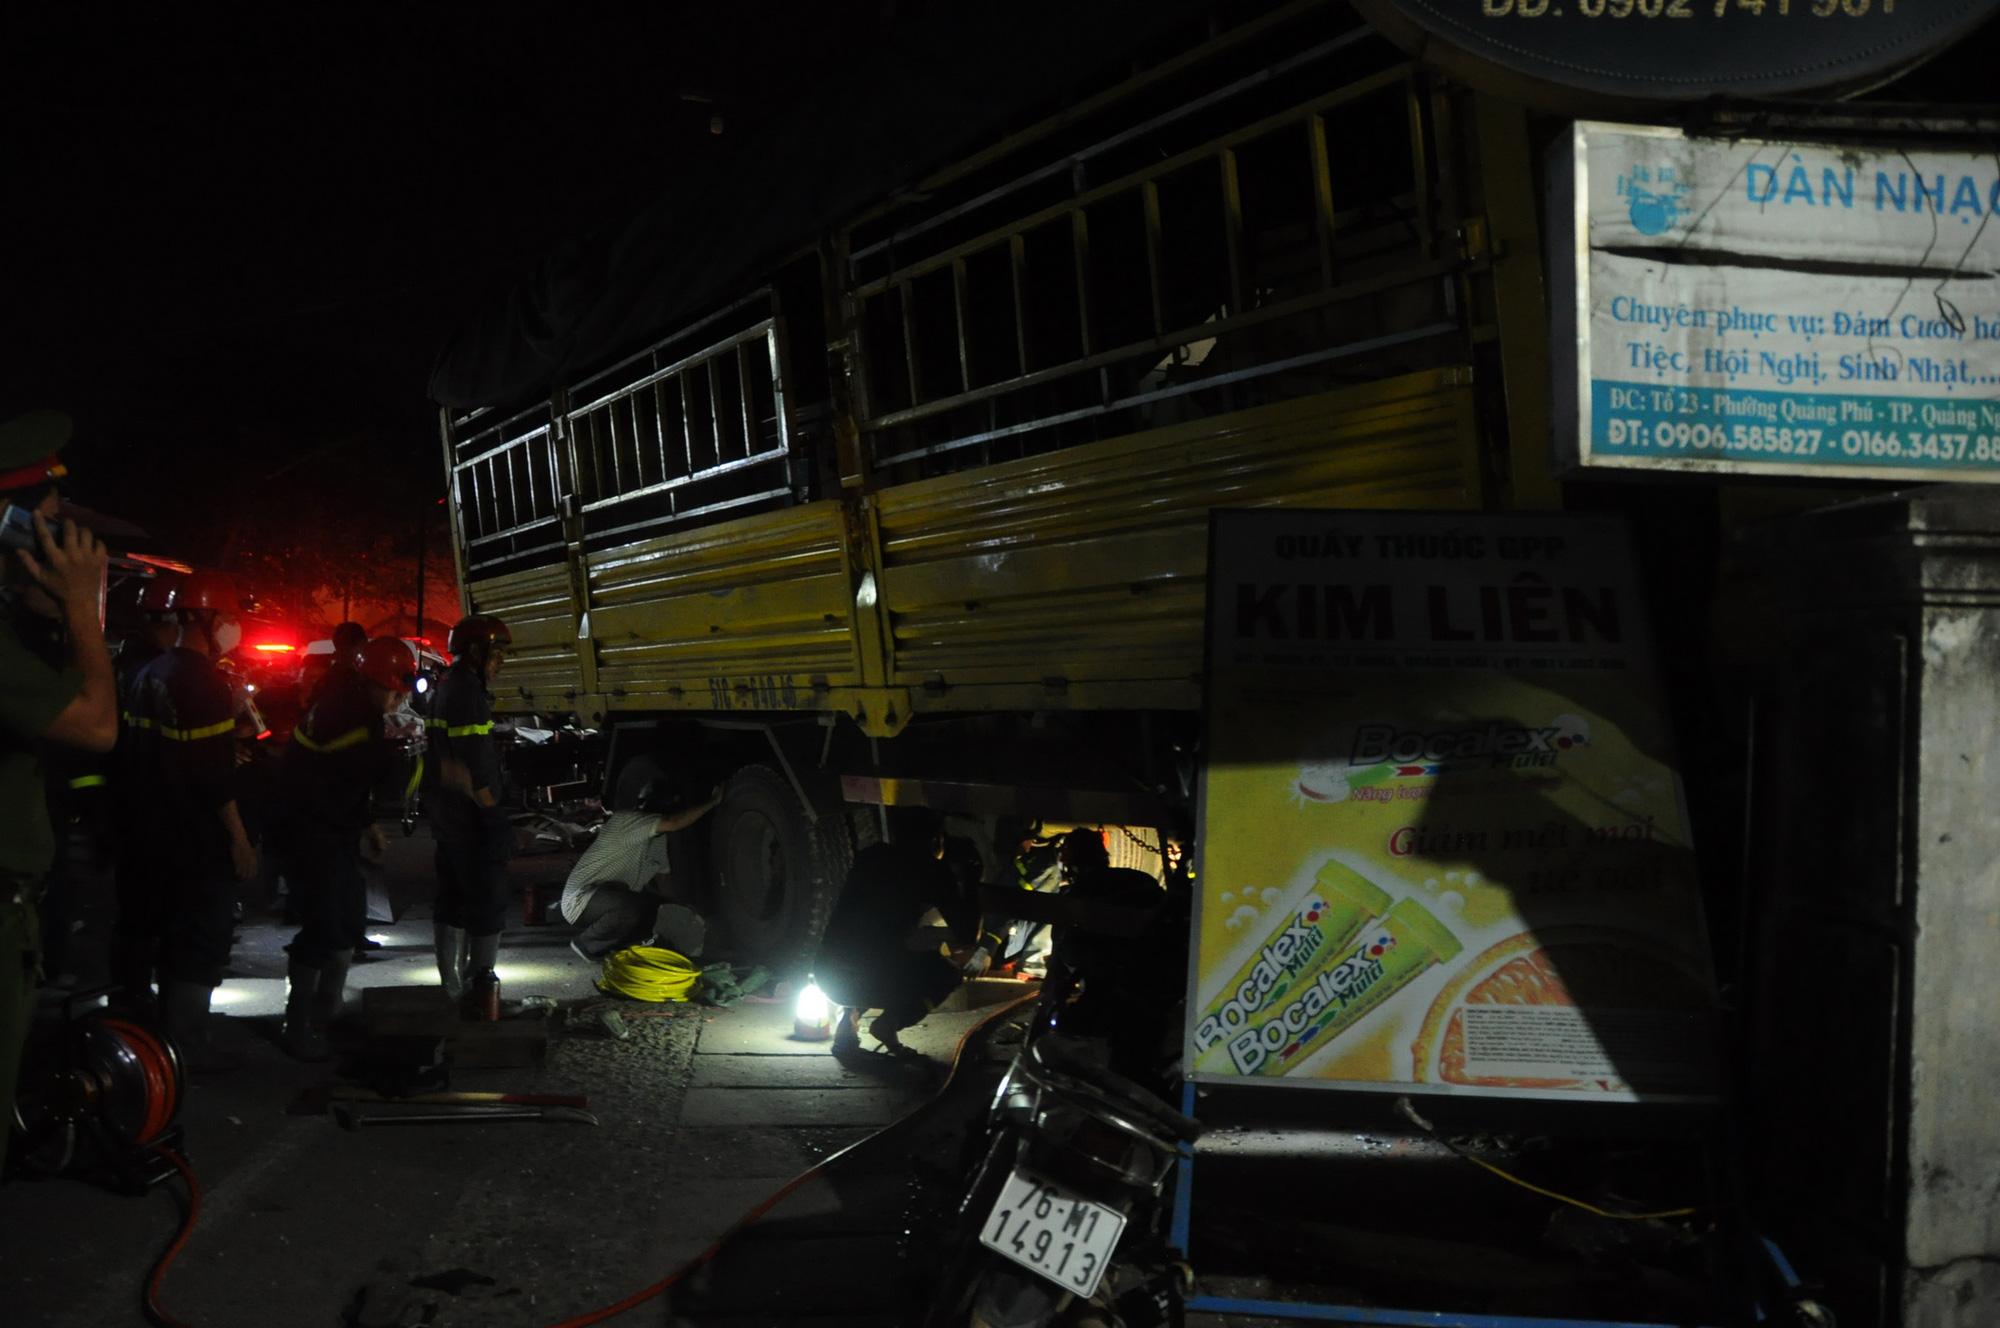 Vụ tai nạn ô tô lao vào 4 nhà dân làm 3 người chết, 3 người bị thương:  Tài xế xe tải trình diện công an - Ảnh 7.